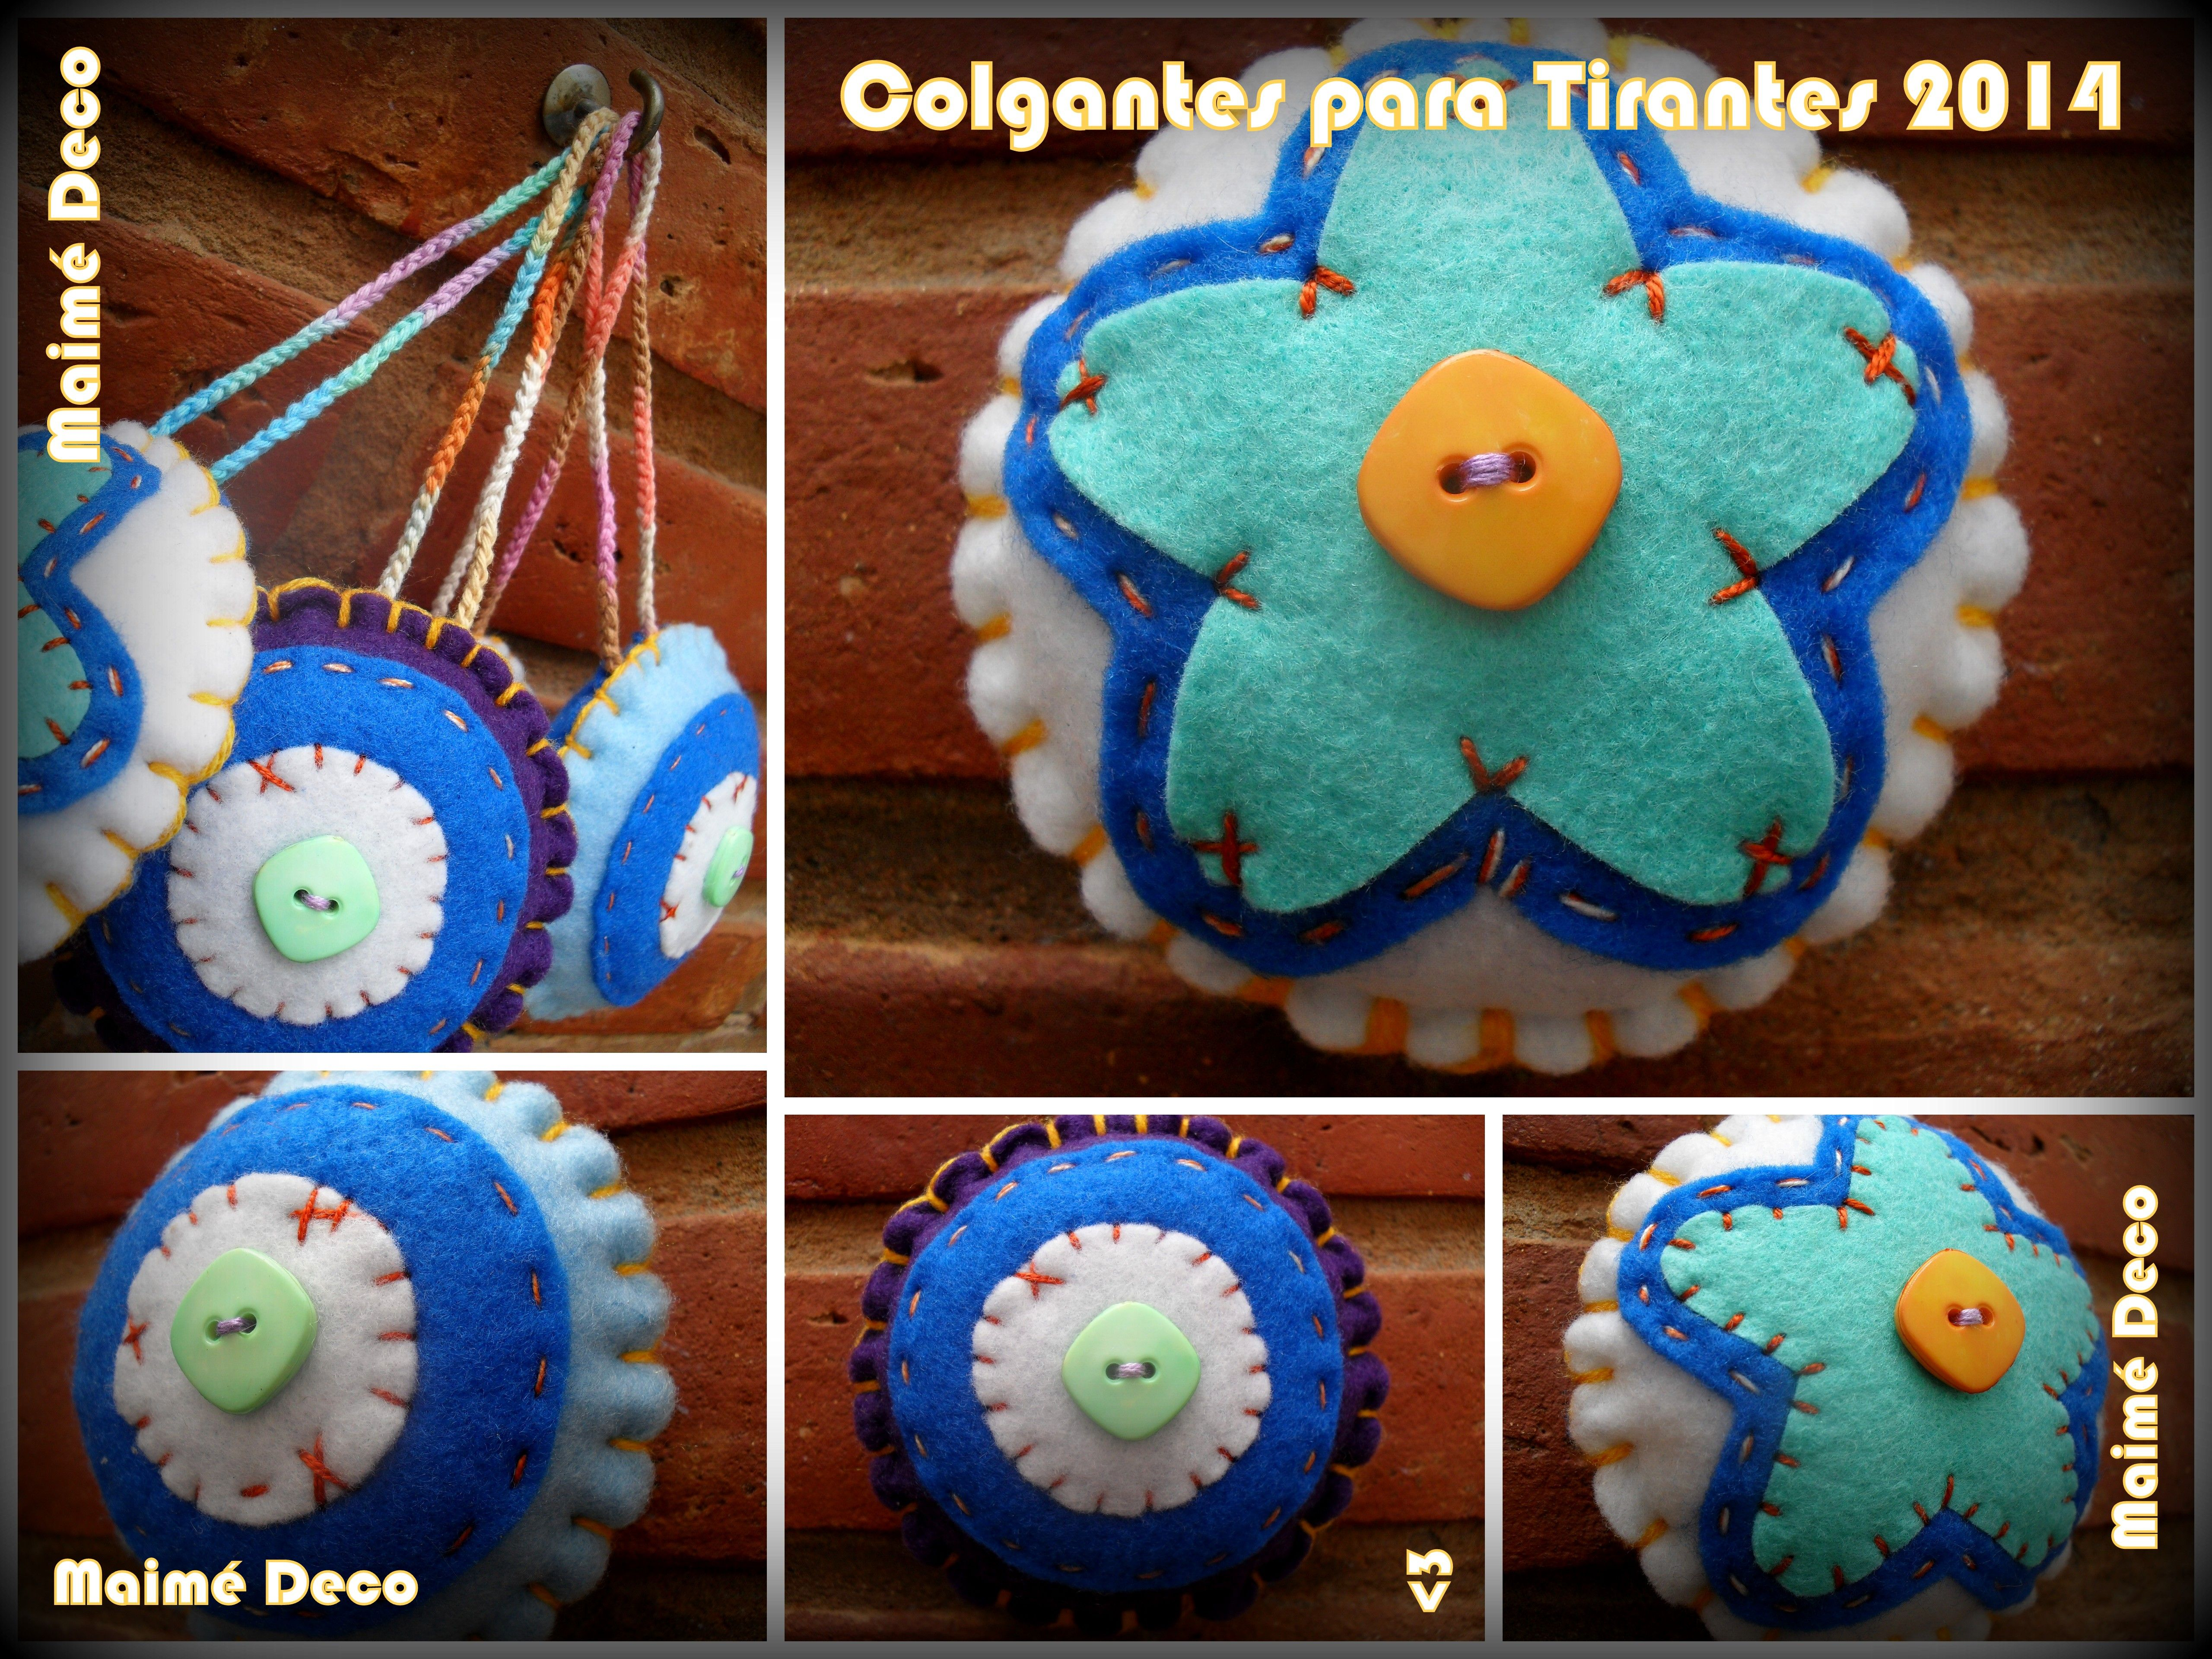 Maimé Deco Colgantes para Tirantes! Redonditos de 10 cm de diámetro realizados en Pañolenci y rellenos de Vellón Siliconado.